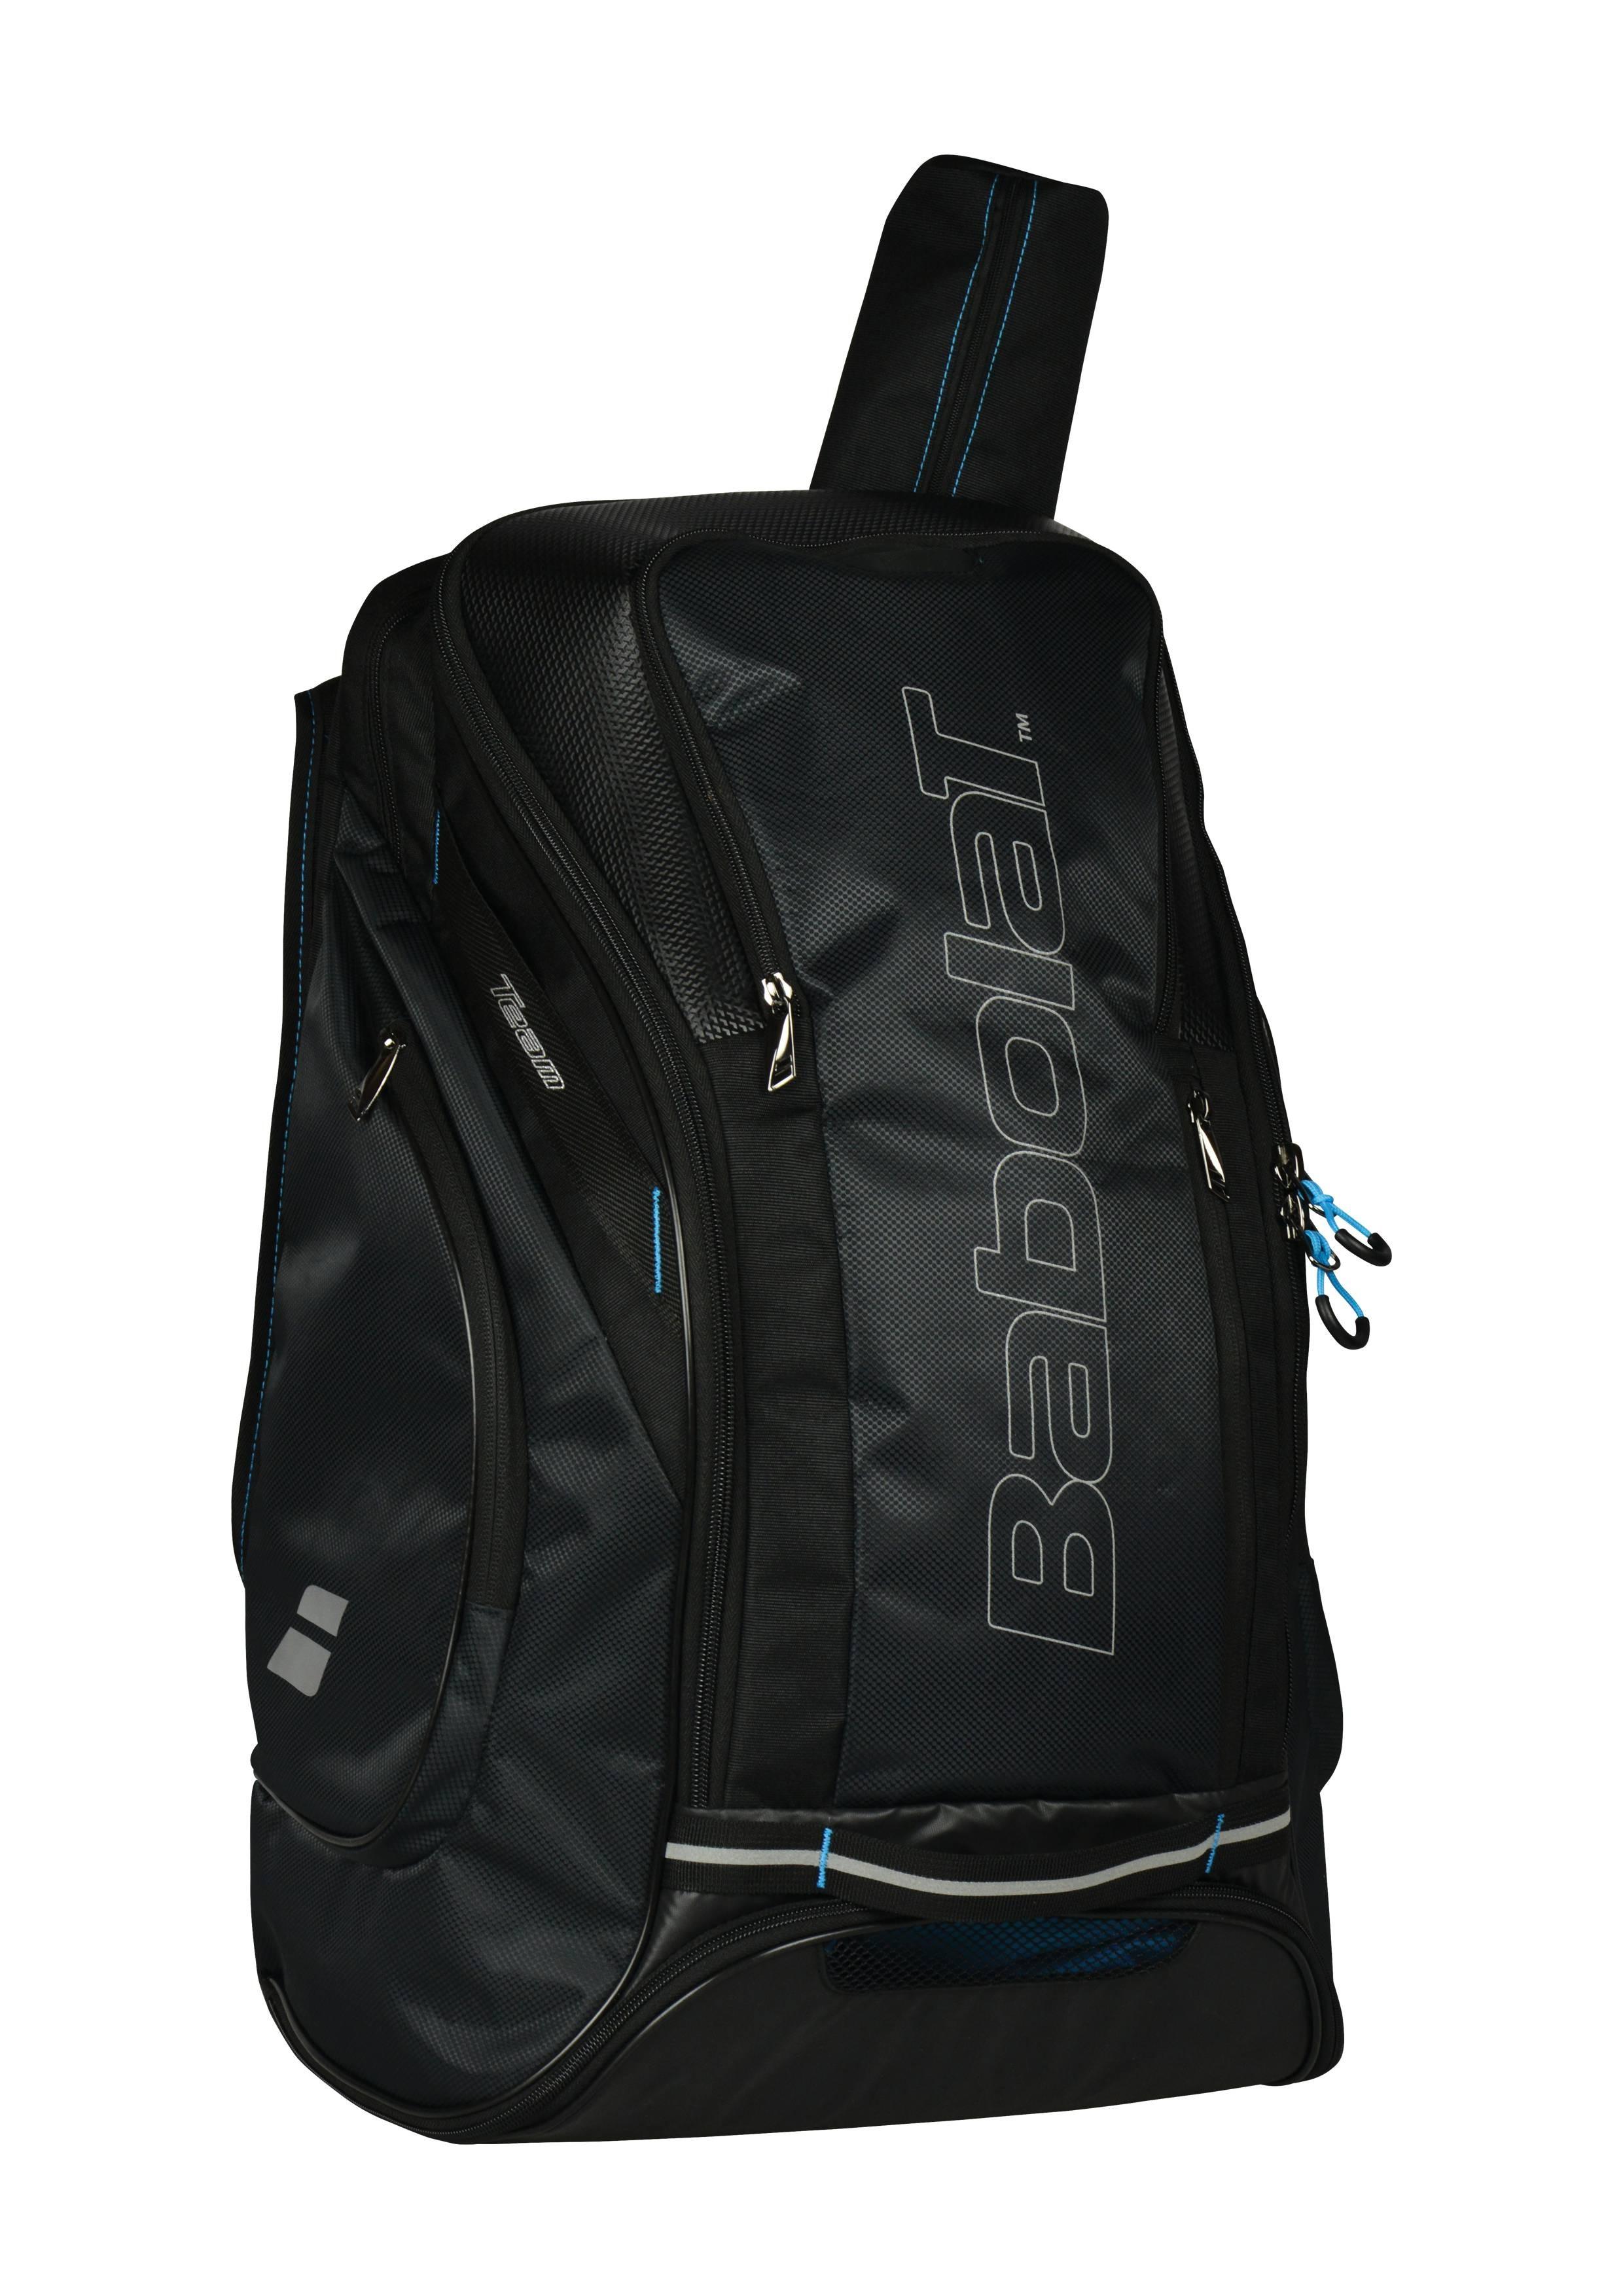 Plecak tenisowy Babolat Team Maxi Backpack 2018